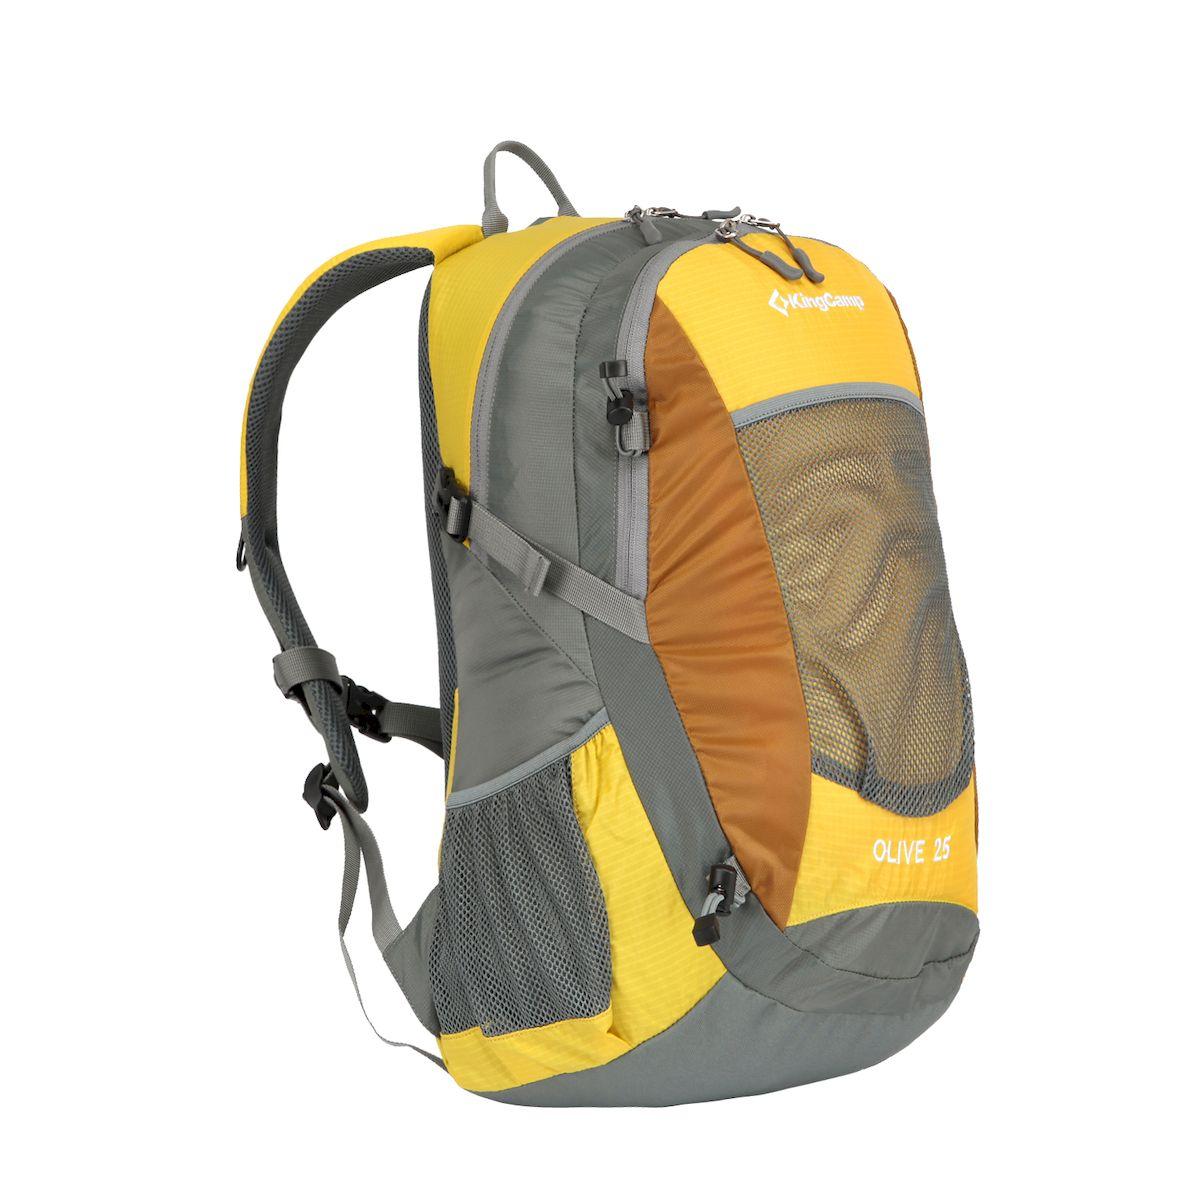 Рюкзак городской KingCamp OLIVE, цвет желтый. 25лУТ-000055724OLIVE 25л рюкзак Для города, прогулок, путешествий. Артикул KB3307 Объем: 25 литров Размеры: 48 х 27 х 17 см Вес: 700 грамм Материал: нейлон 330D+210D RipStop с PU покрытием, полиэстер Особенности: одно отделение, водонепроницаемая ткань, система вентиляции спины V.U.S., карман для ноутбука, боковые карманы, крепеж для инструмента, органайзер, накидка от дождя.